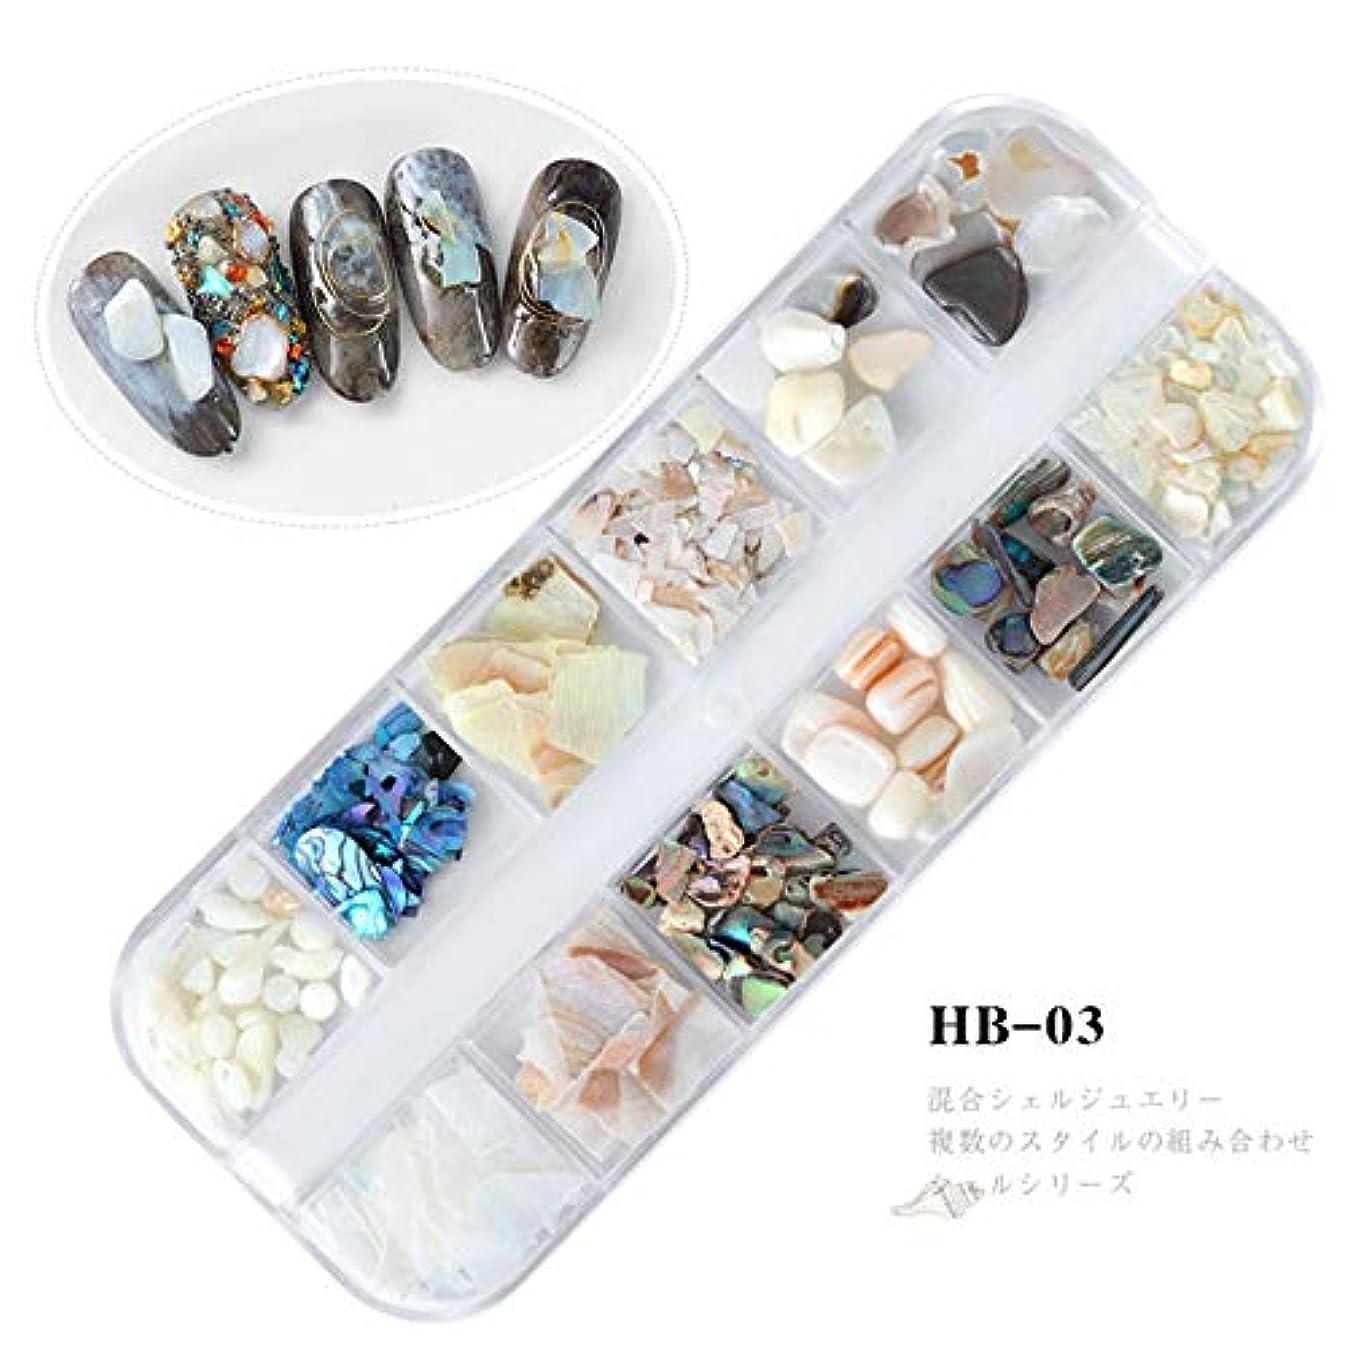 達成とは異なりトピック1箱ミックス自然の海シェルアワビのスライスグラデーション砕石3Dネイルアートの装飾UVジェルデザインマニキュアアクセサリー,3